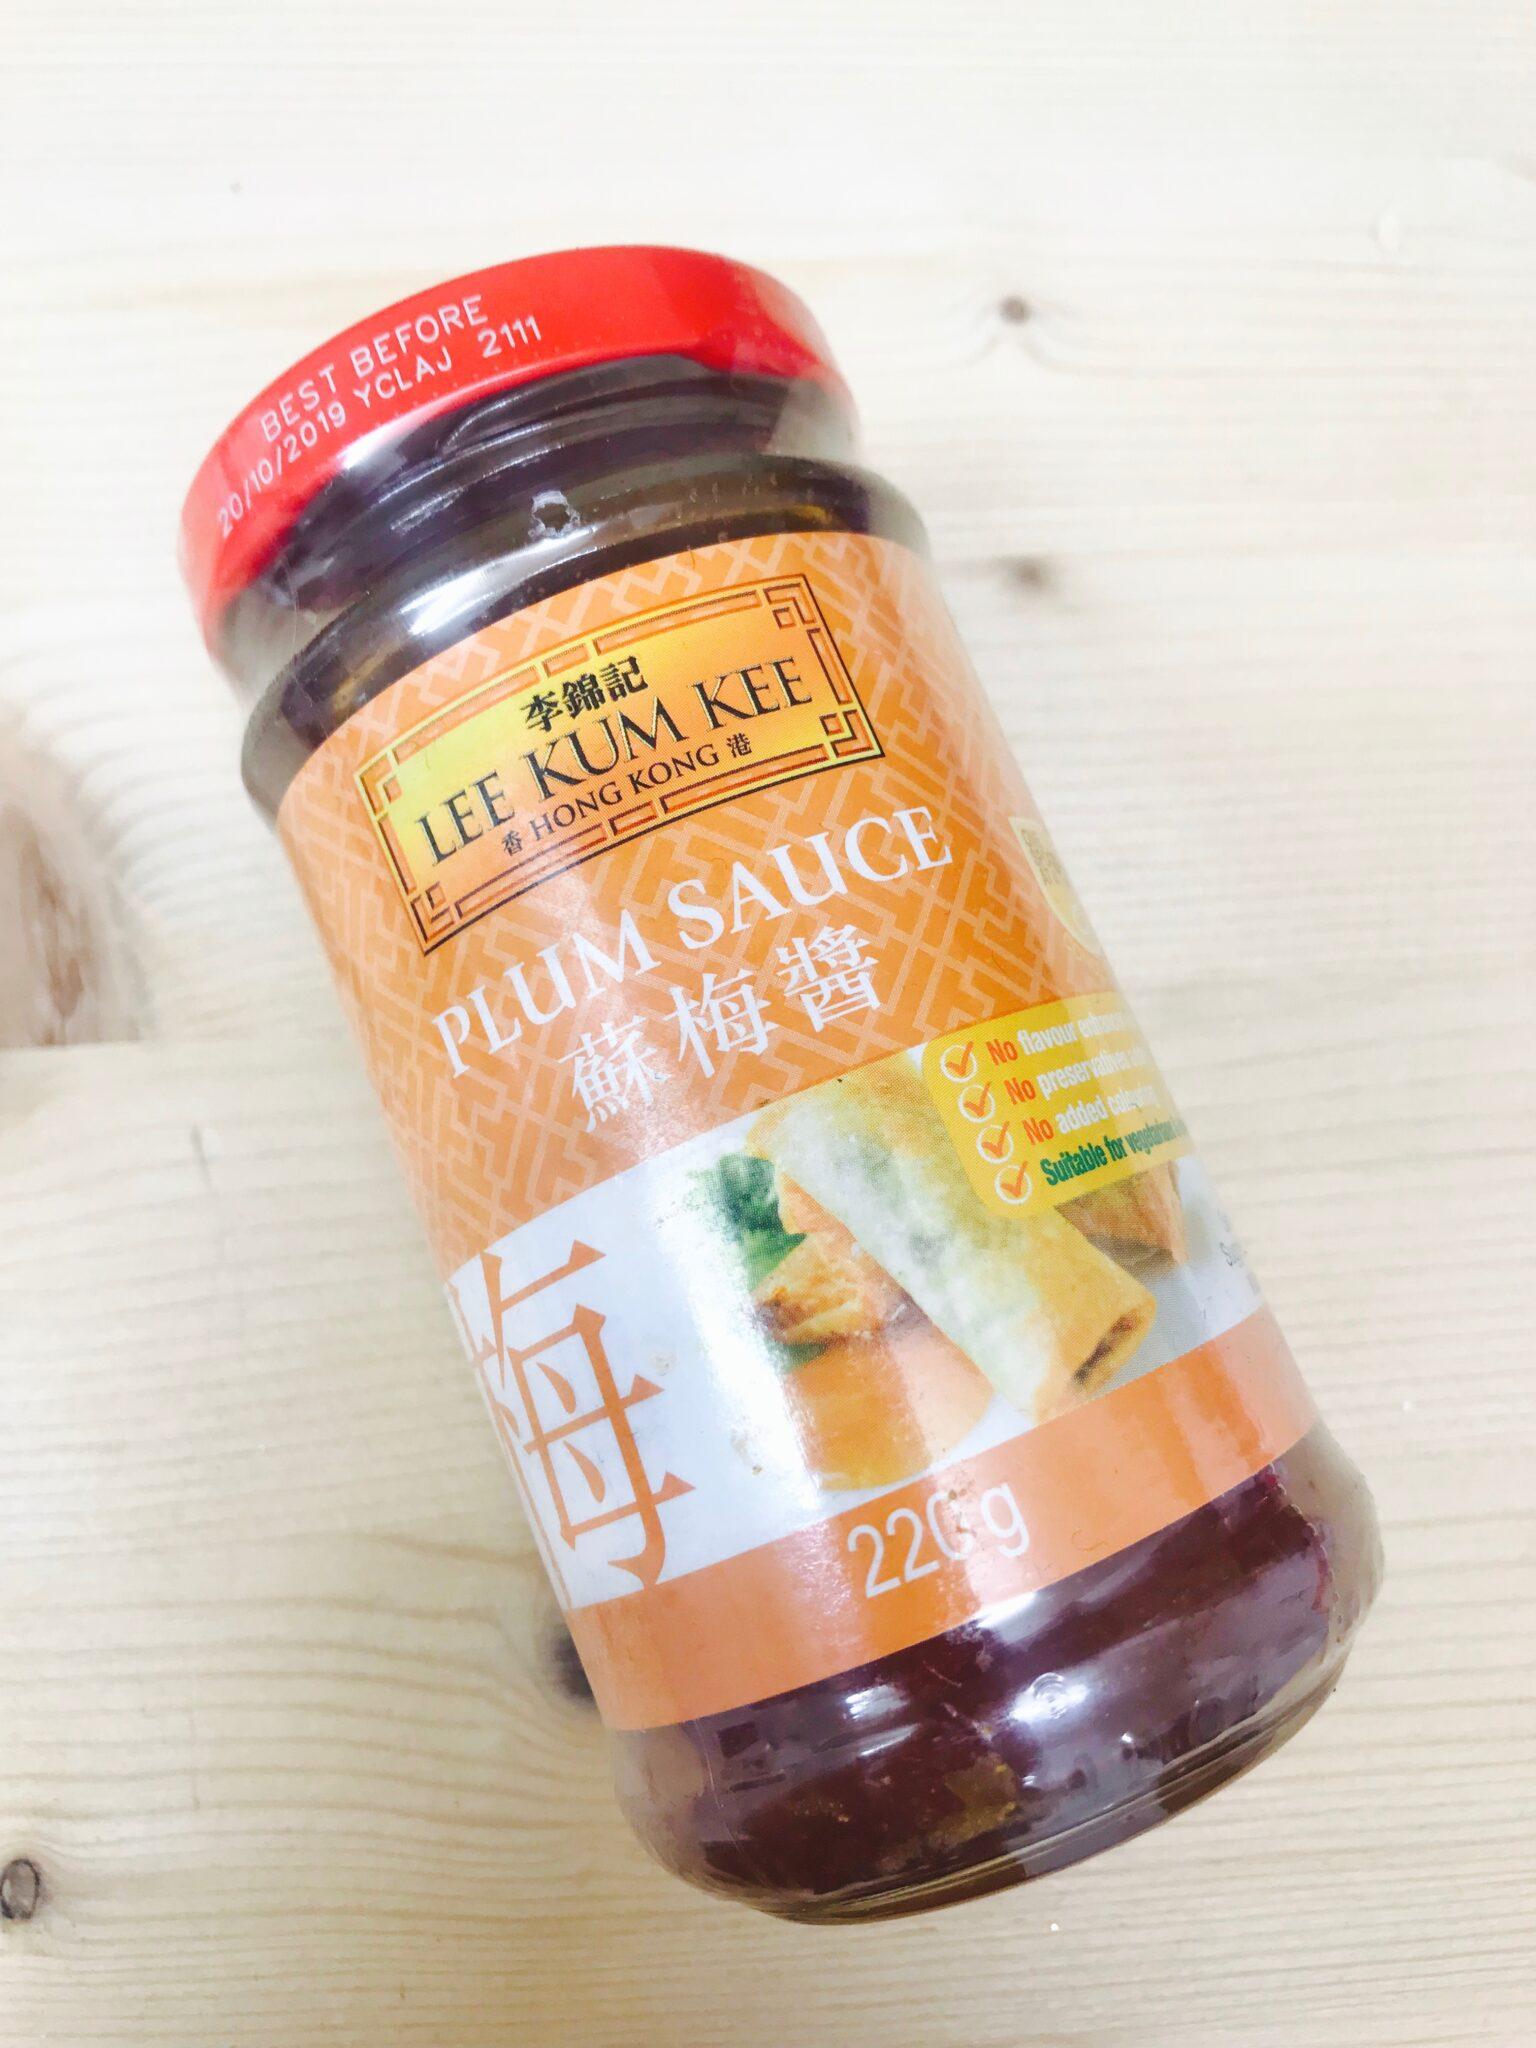 free lee kum kee sauce